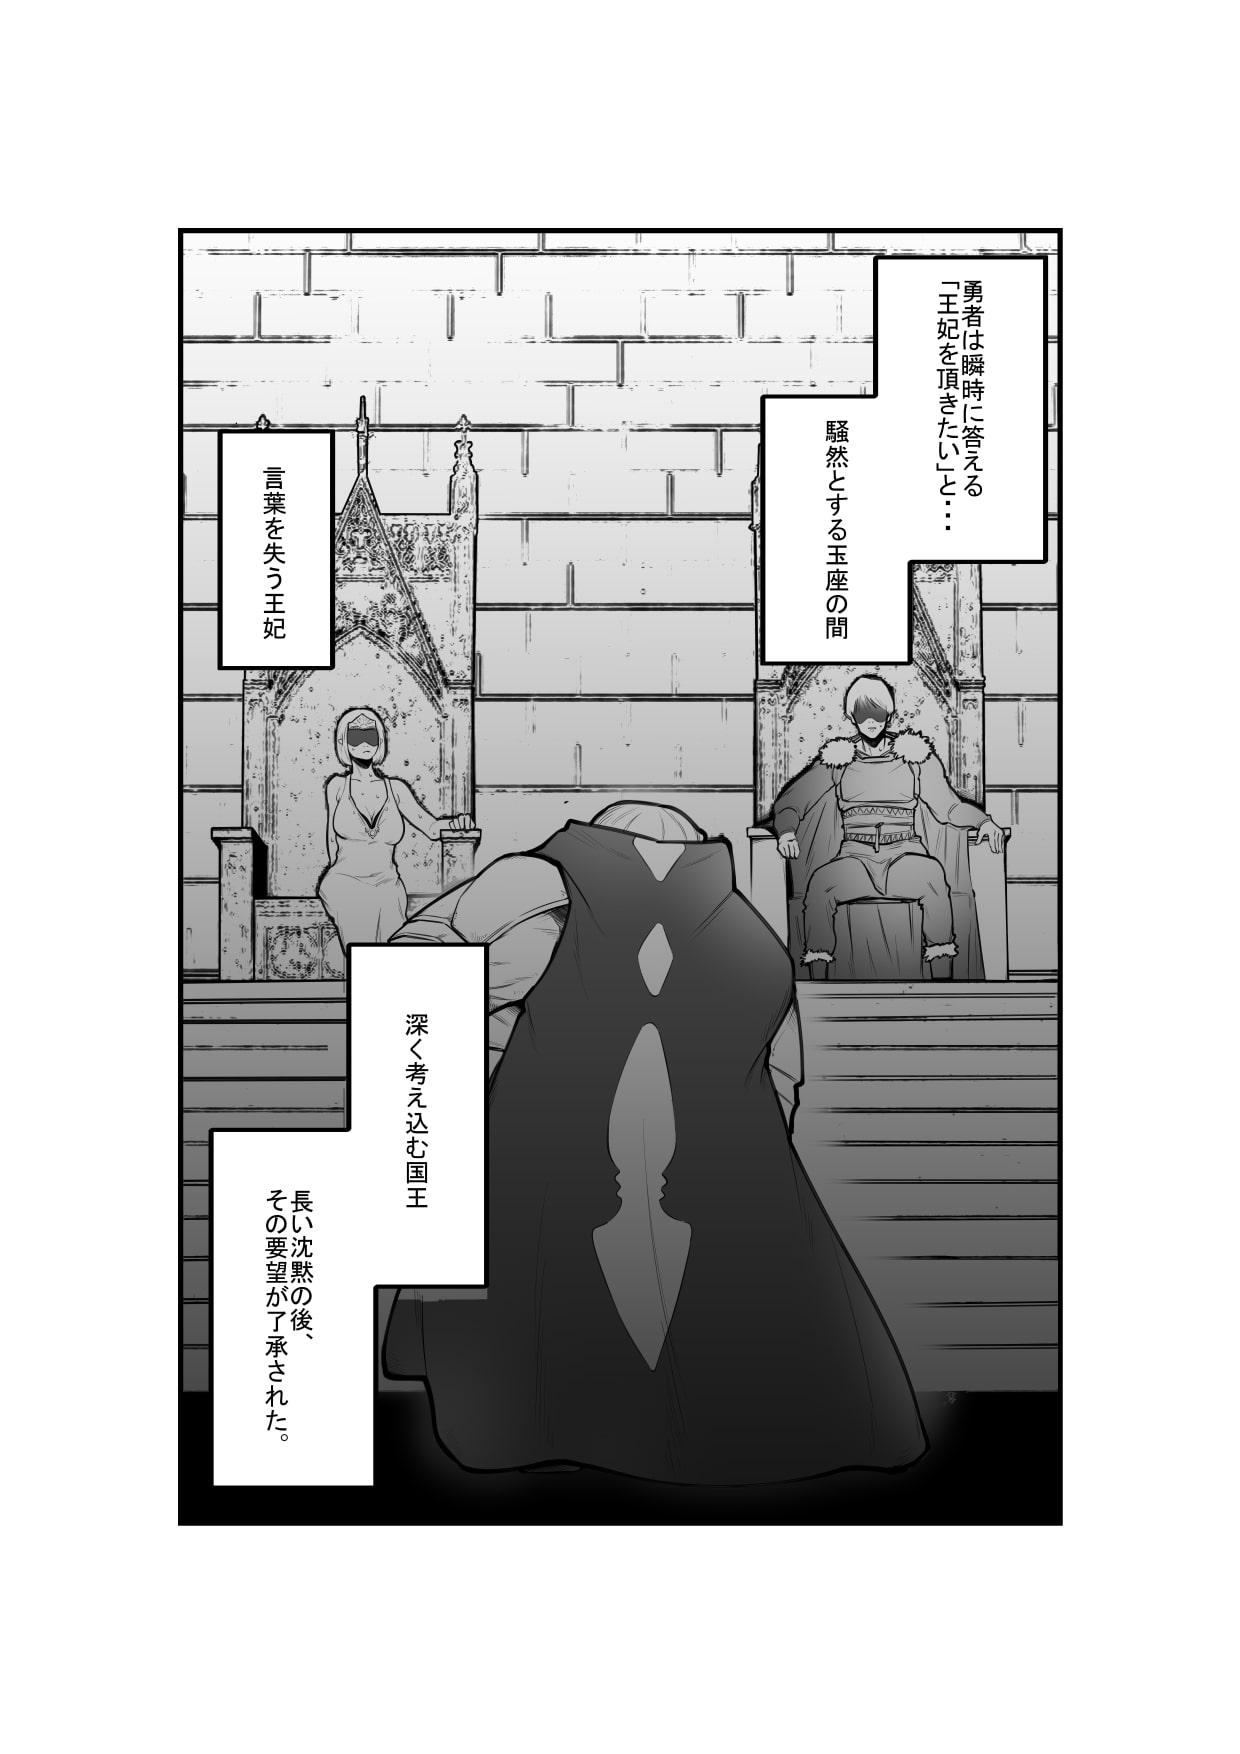 魔王を倒した勇者が王女を寝取る